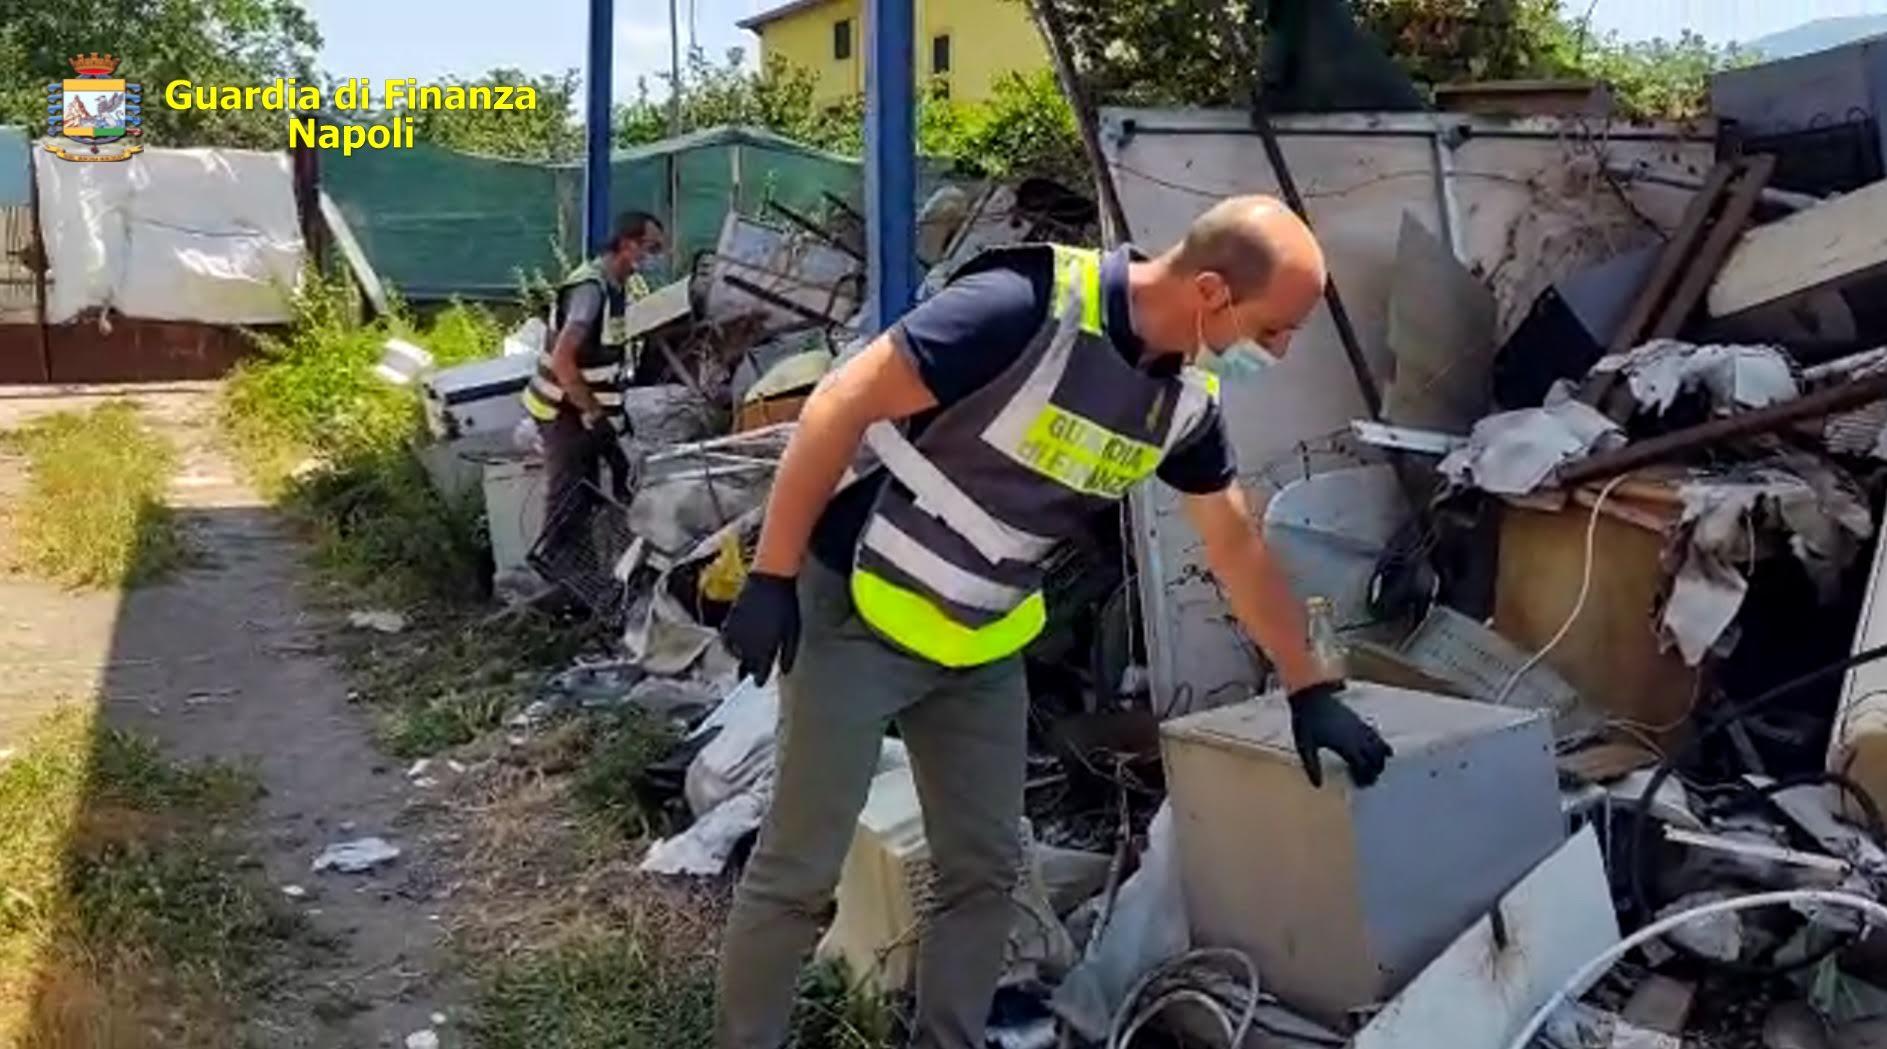 Sequestrate nel Nolano 65 tonnellate di rifiuti speciali